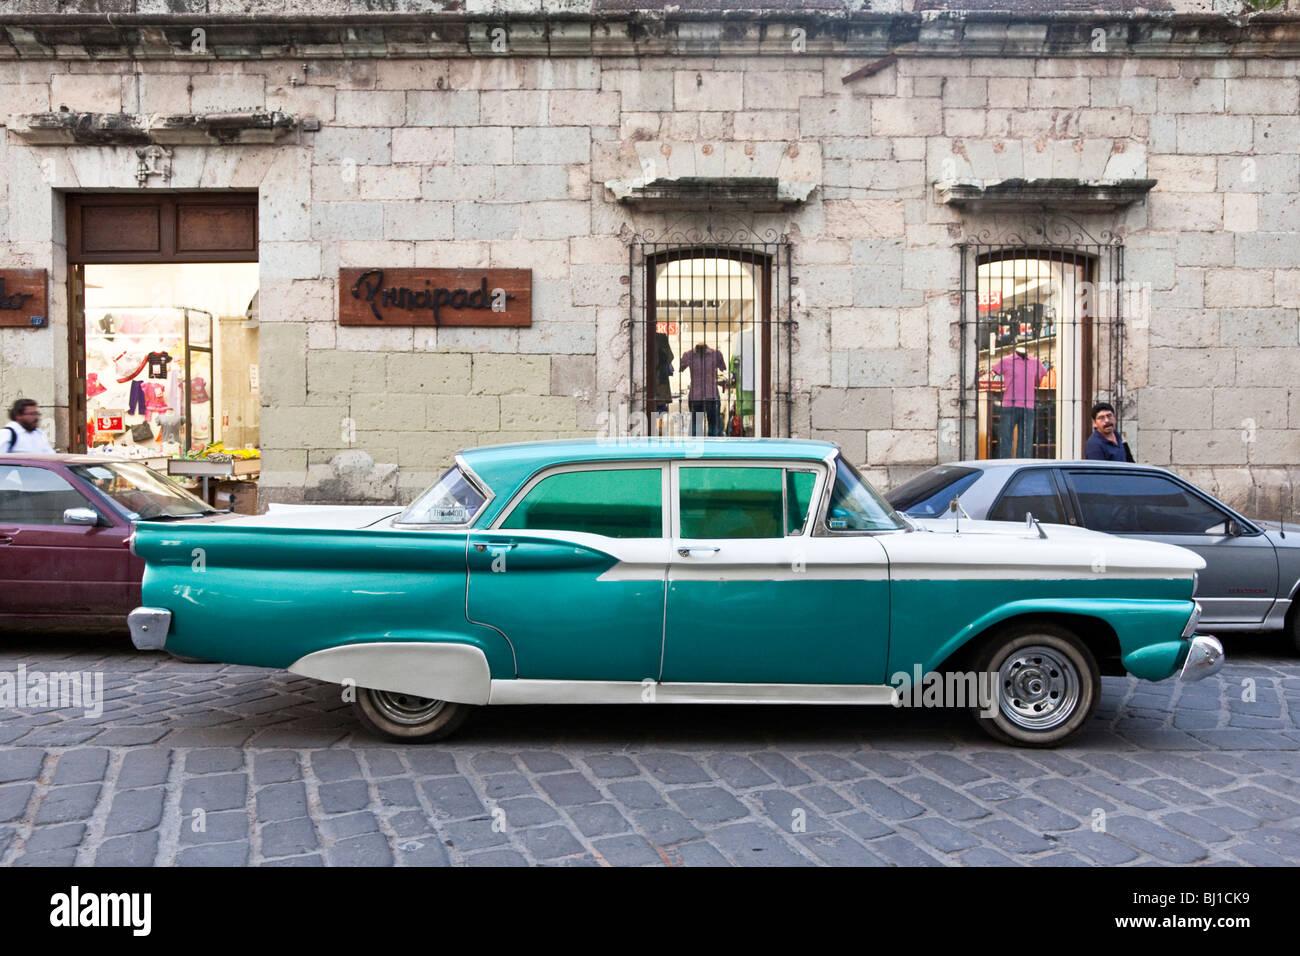 Due toni aqua & white fifties Ford ripristinati finny gloria siede sulla città di Oaxaca Street di fronte boutique Messico Oaxaca Foto Stock